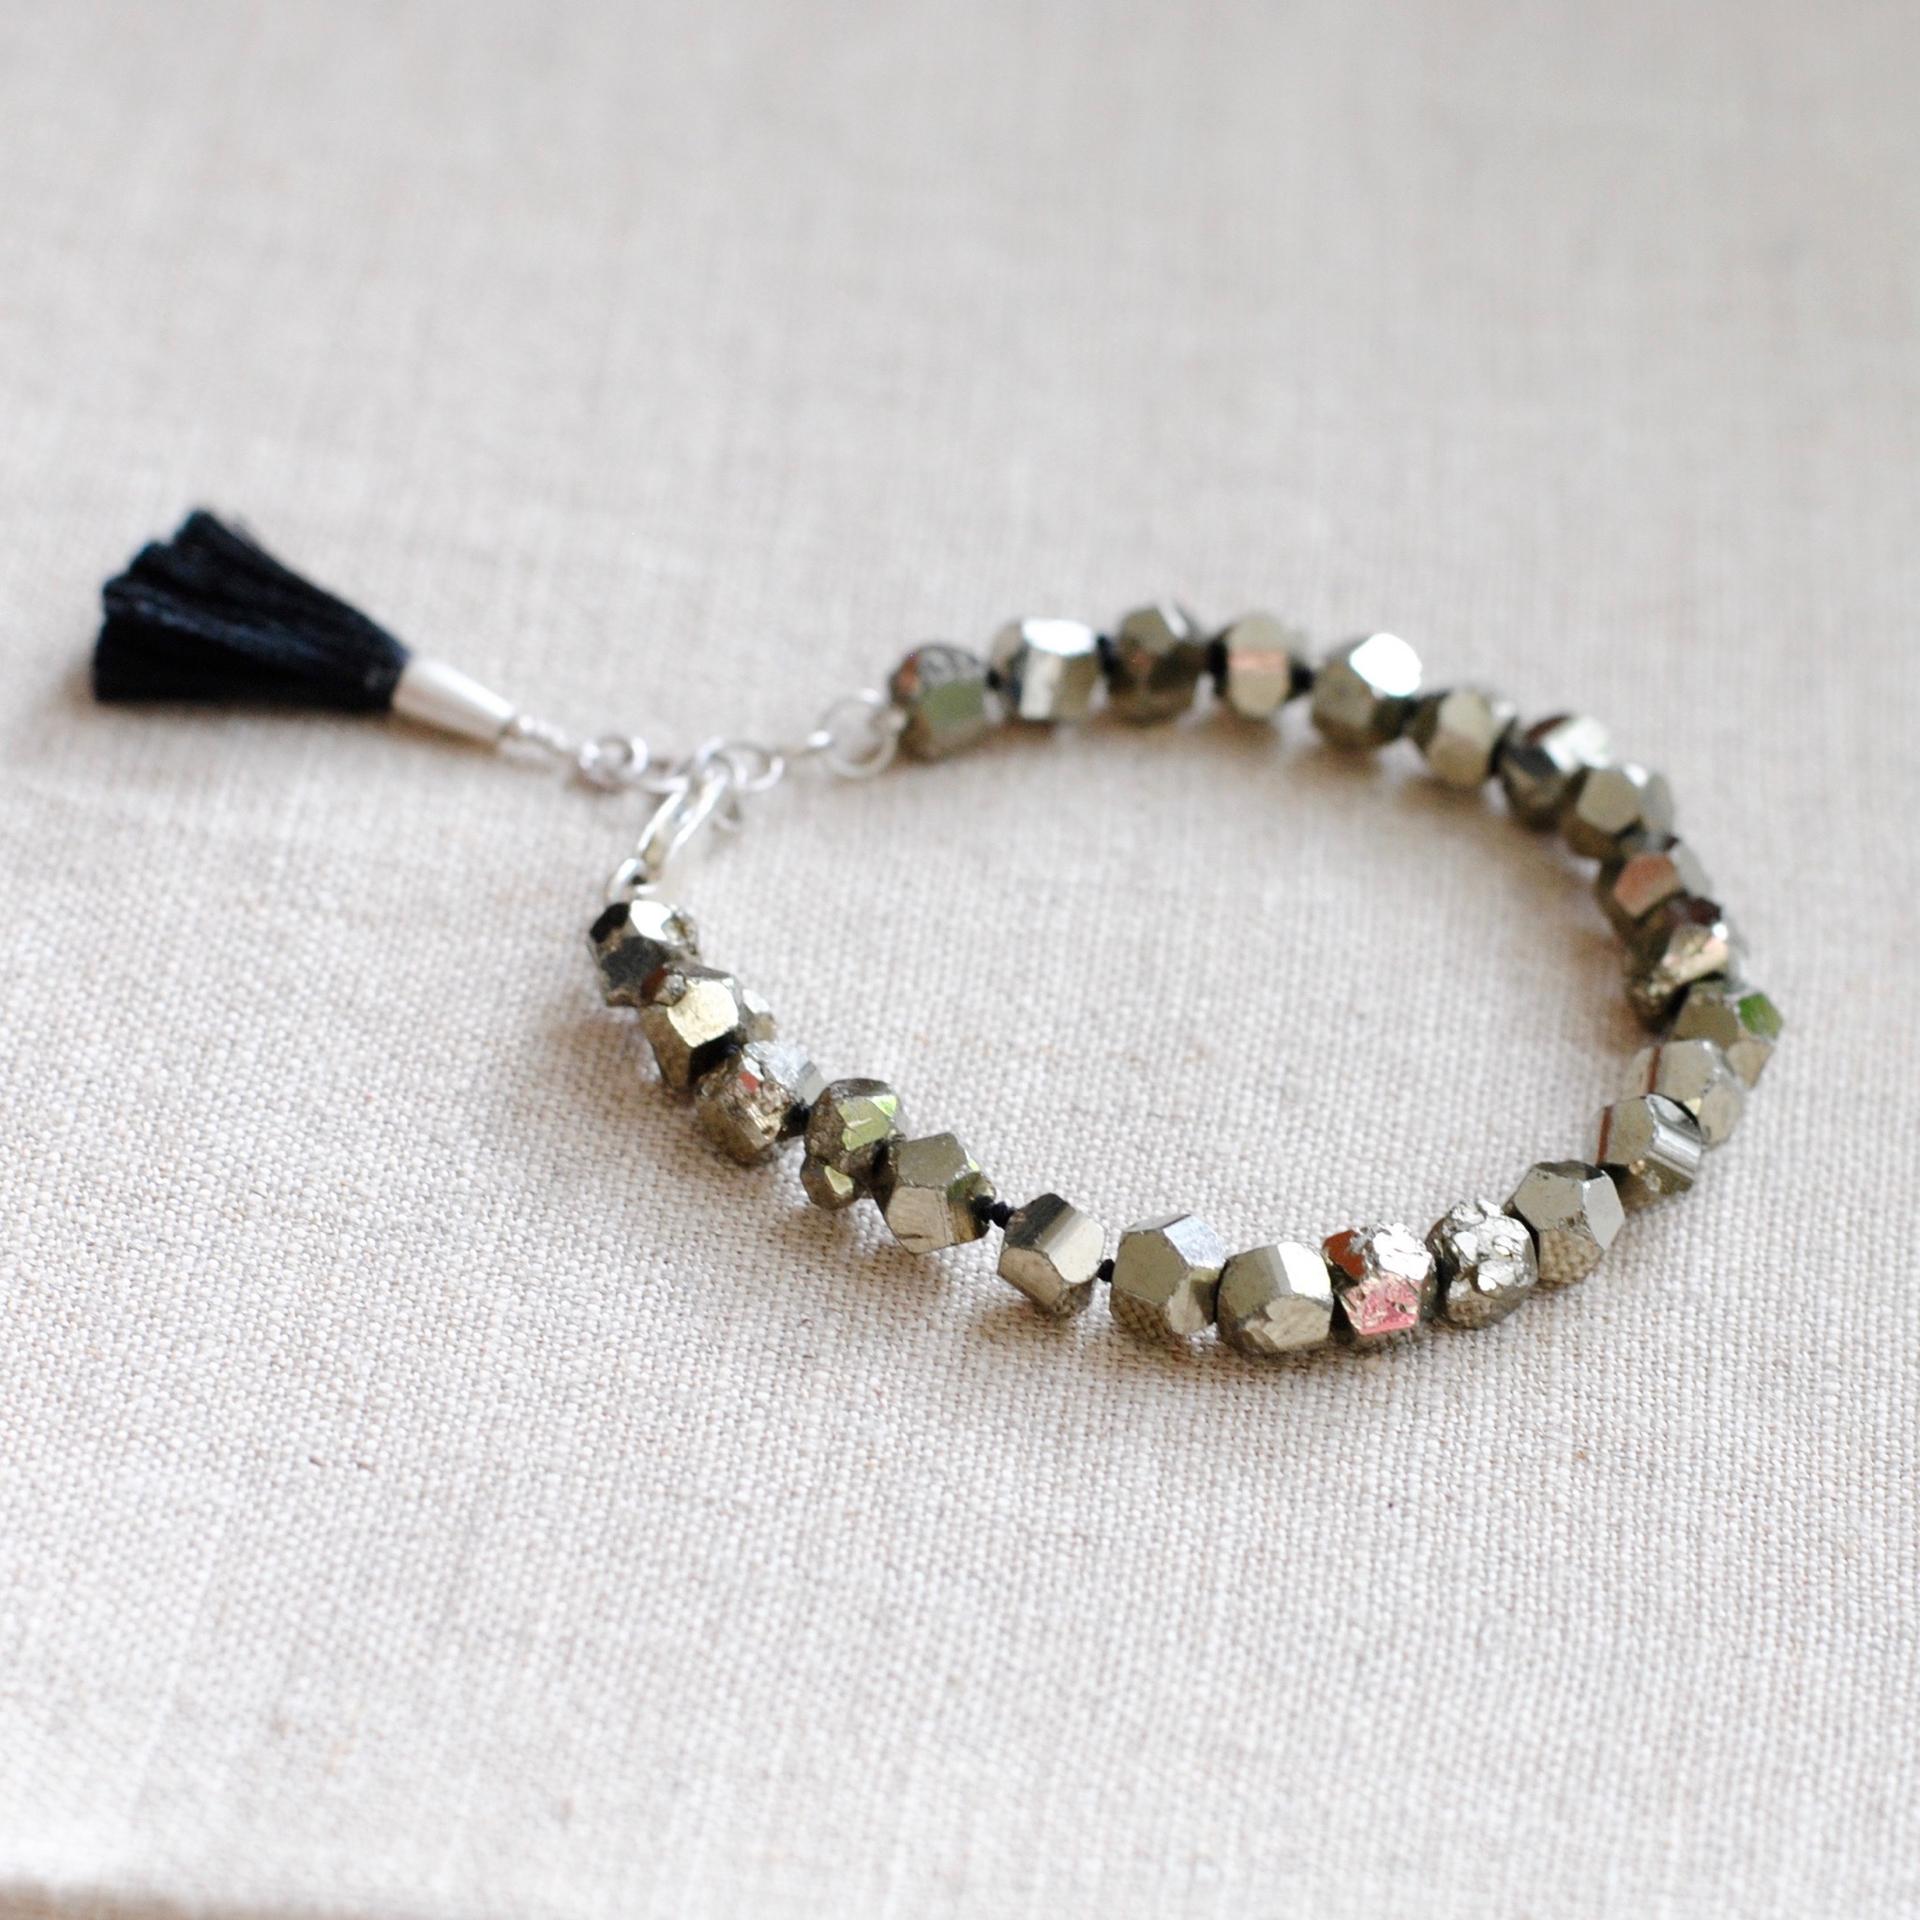 B028 Bracelet by Sam Taylor